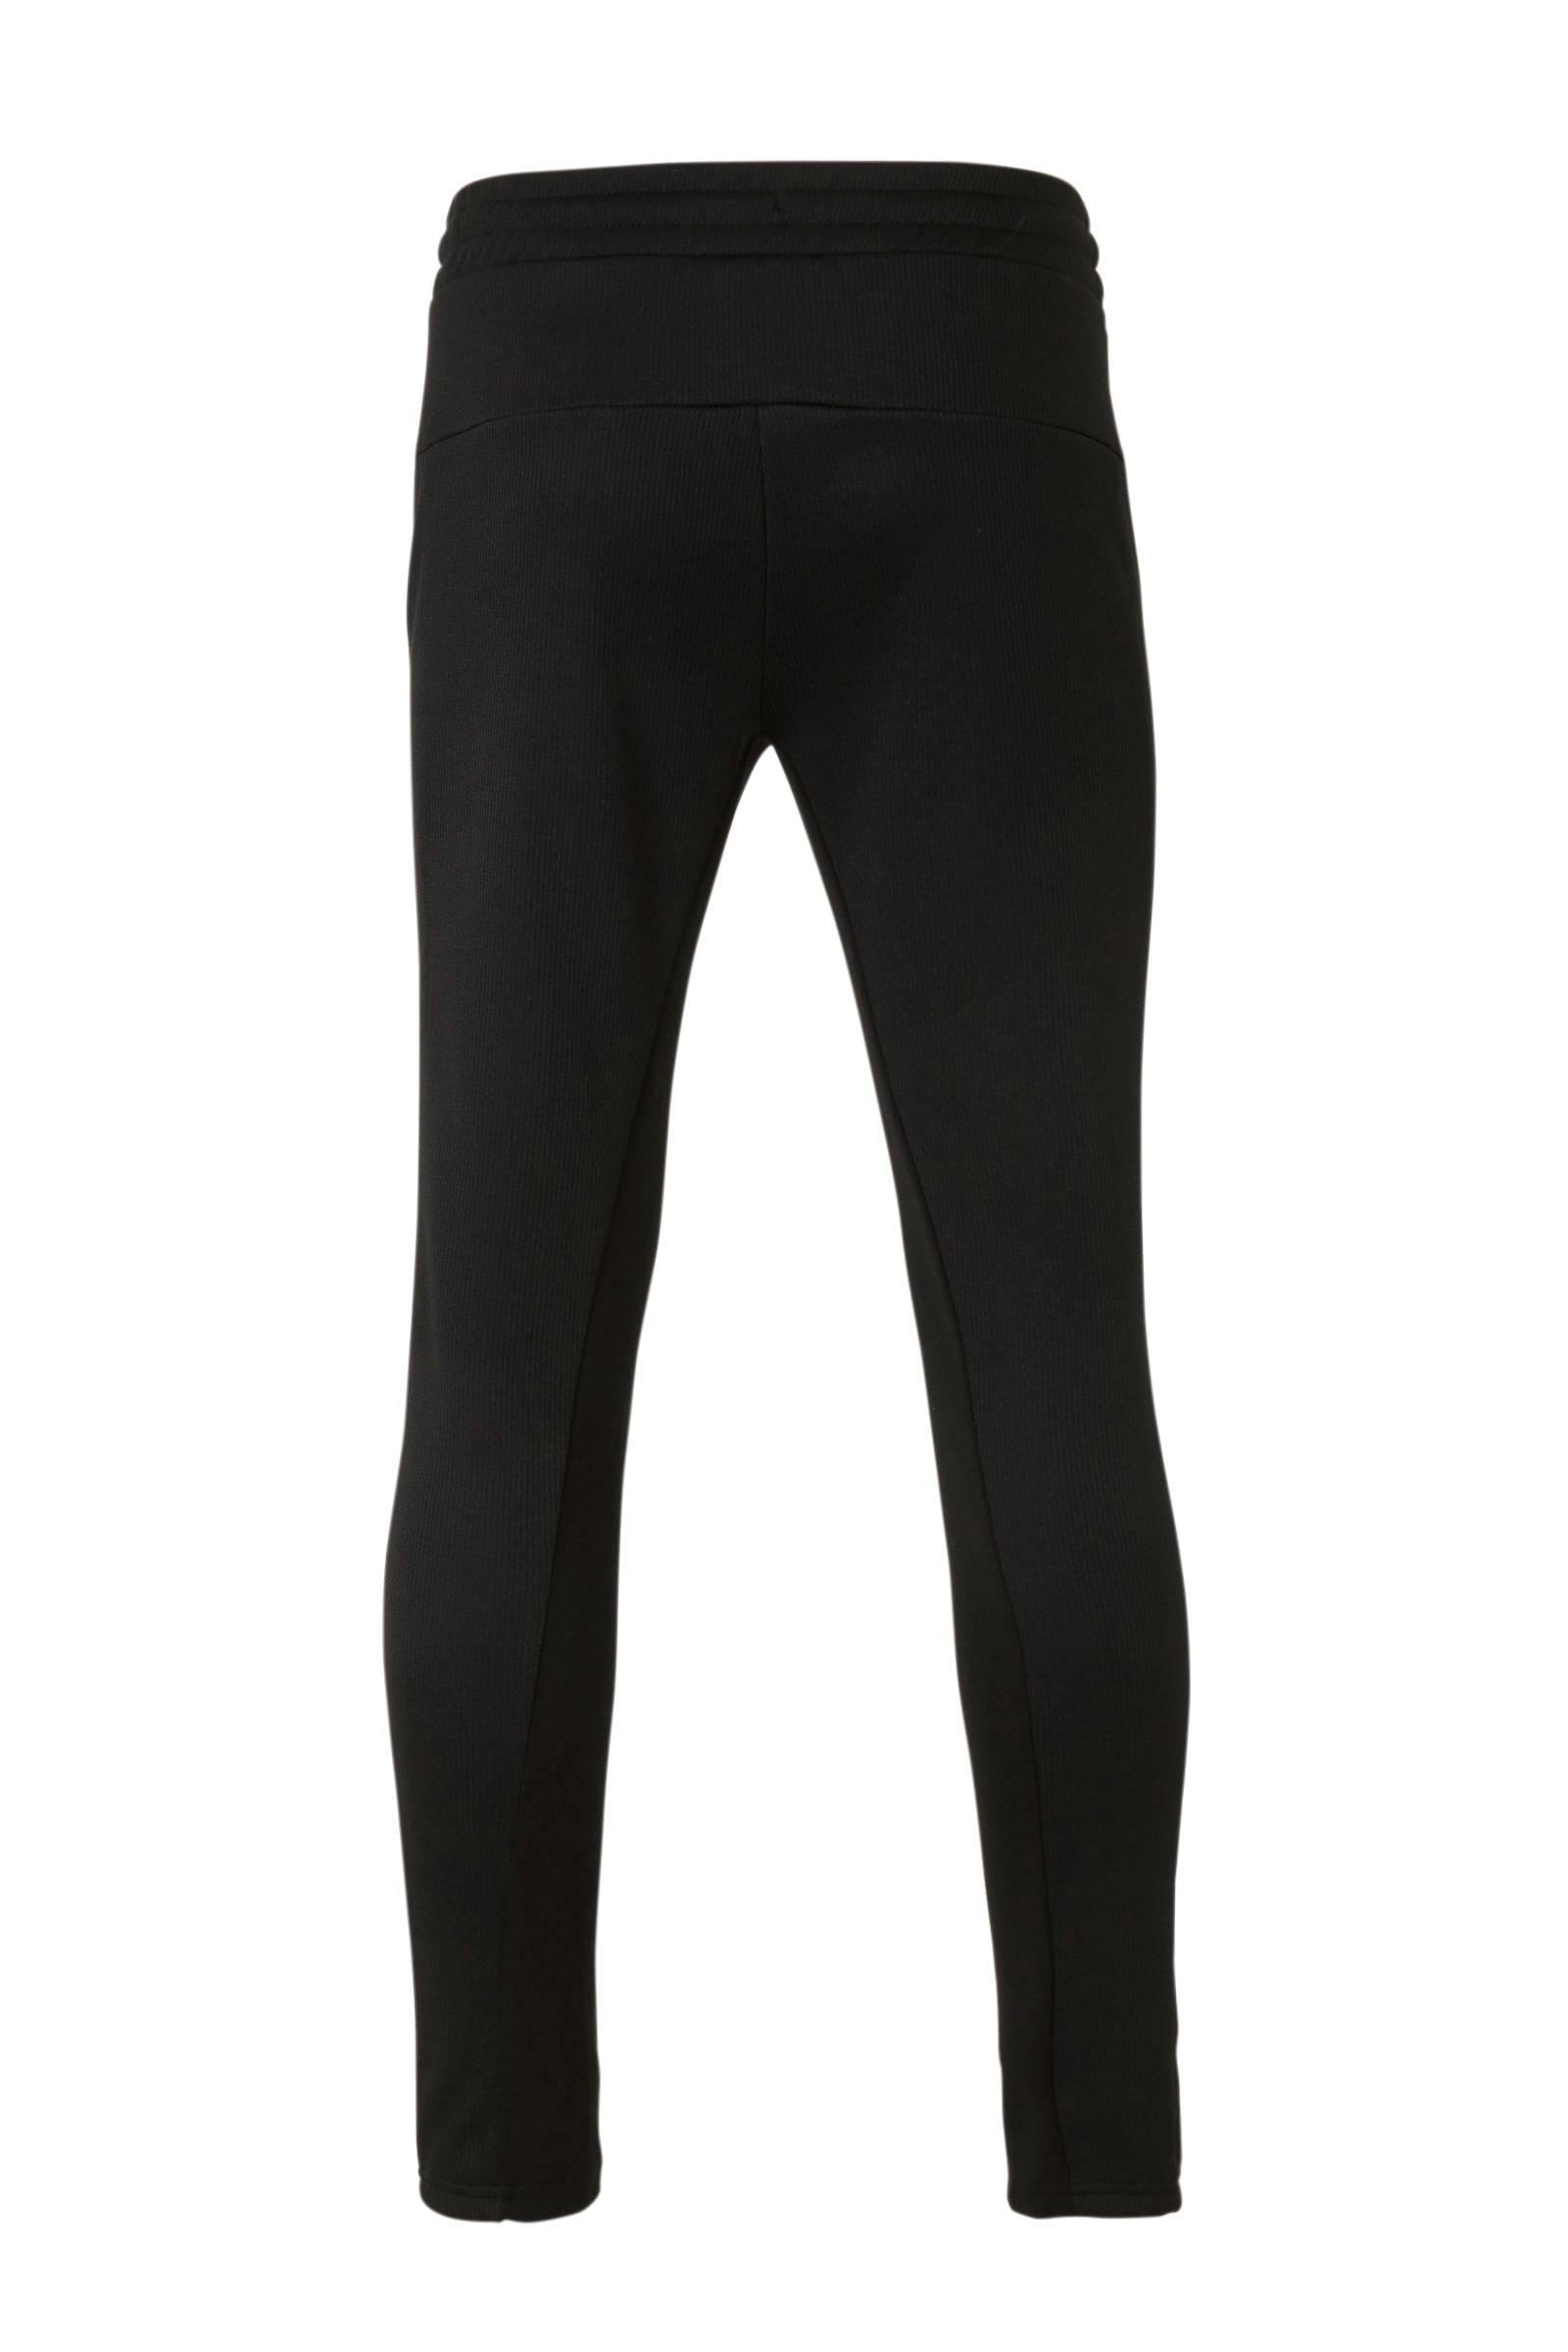 Jack & Jones Denim Jeans Intelligence Regular Fit joggingbroek Zwart in het Zwart voor heren